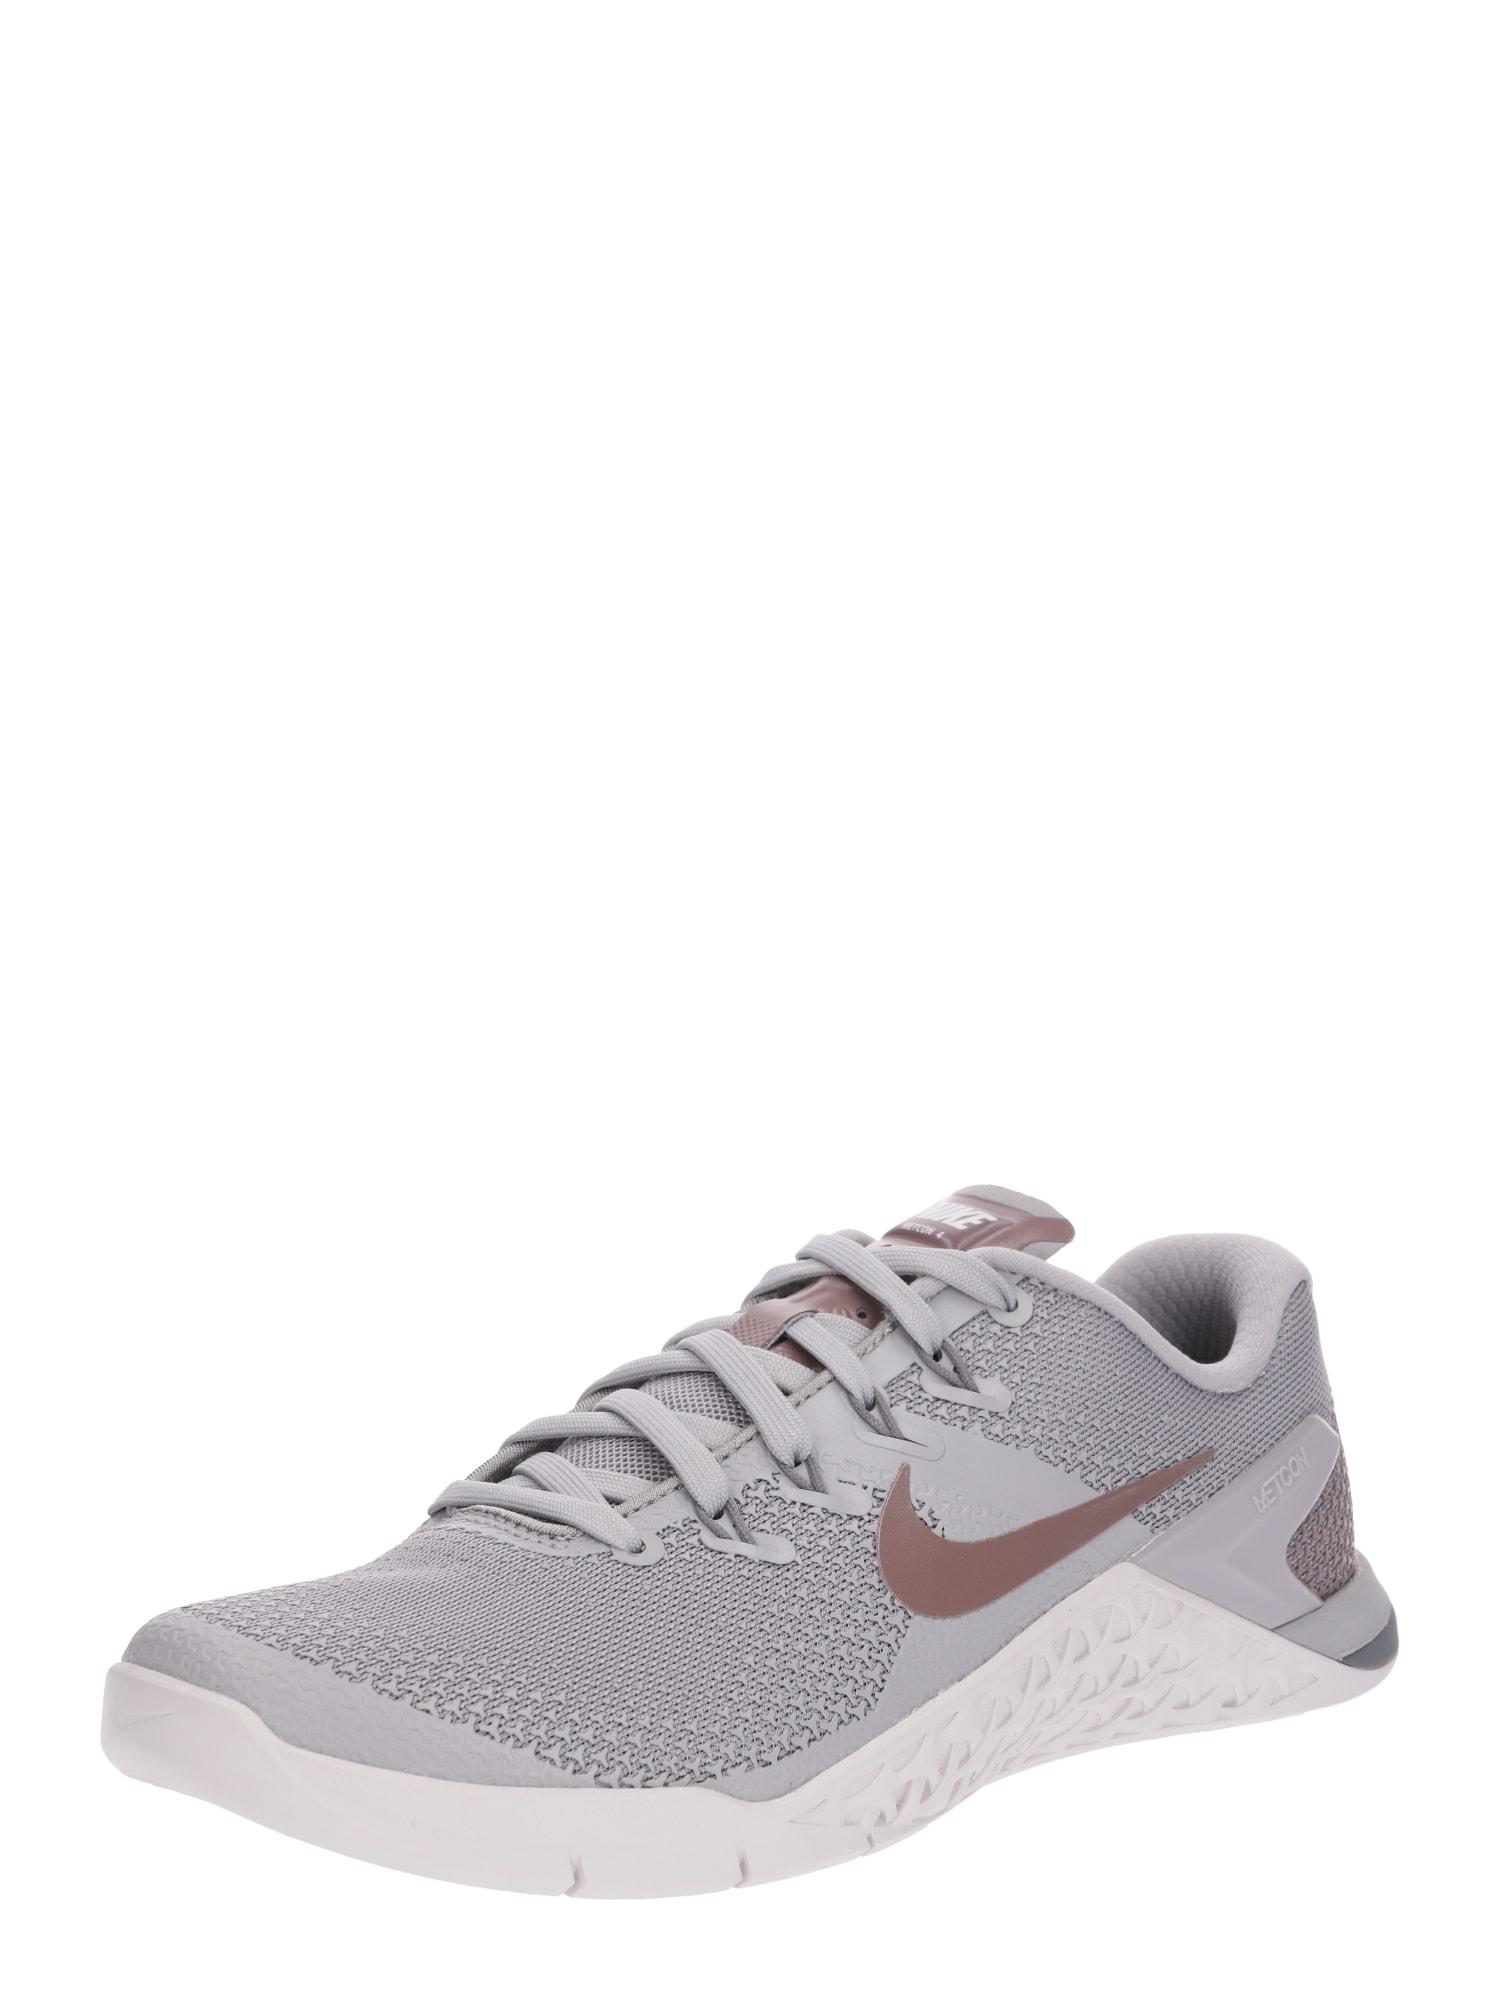 Sportovní boty Metcon 4 LM béžová šedá NIKE